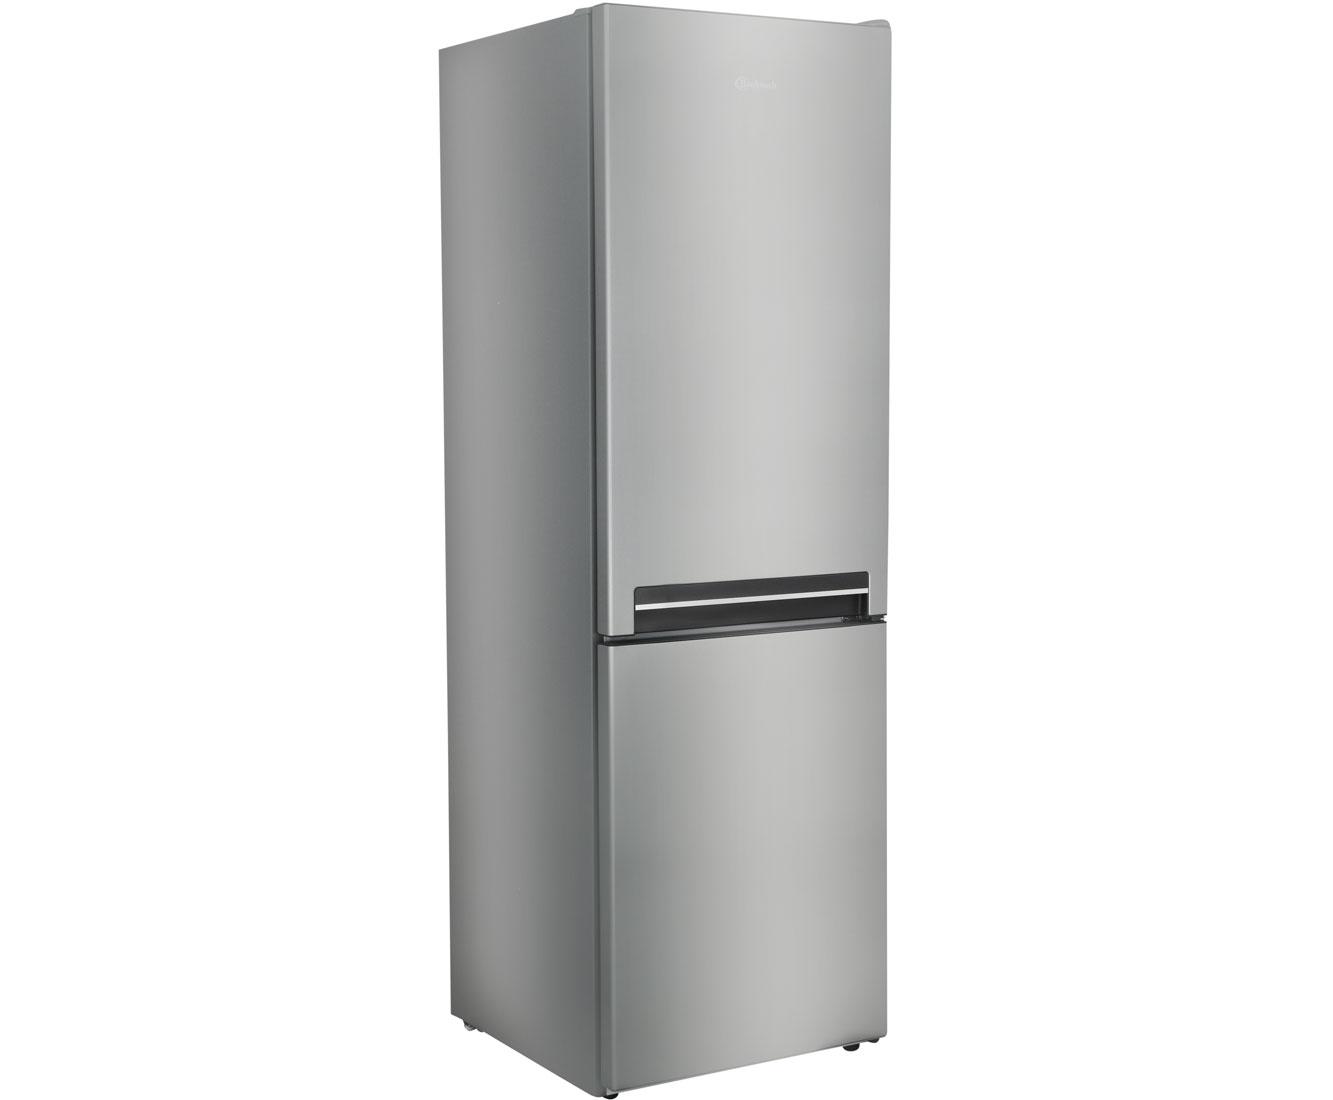 Amerikanischer Kühlschrank Kühlt Nicht Mehr : Bauknecht side by side kühlschrank kühlt nicht mehr den